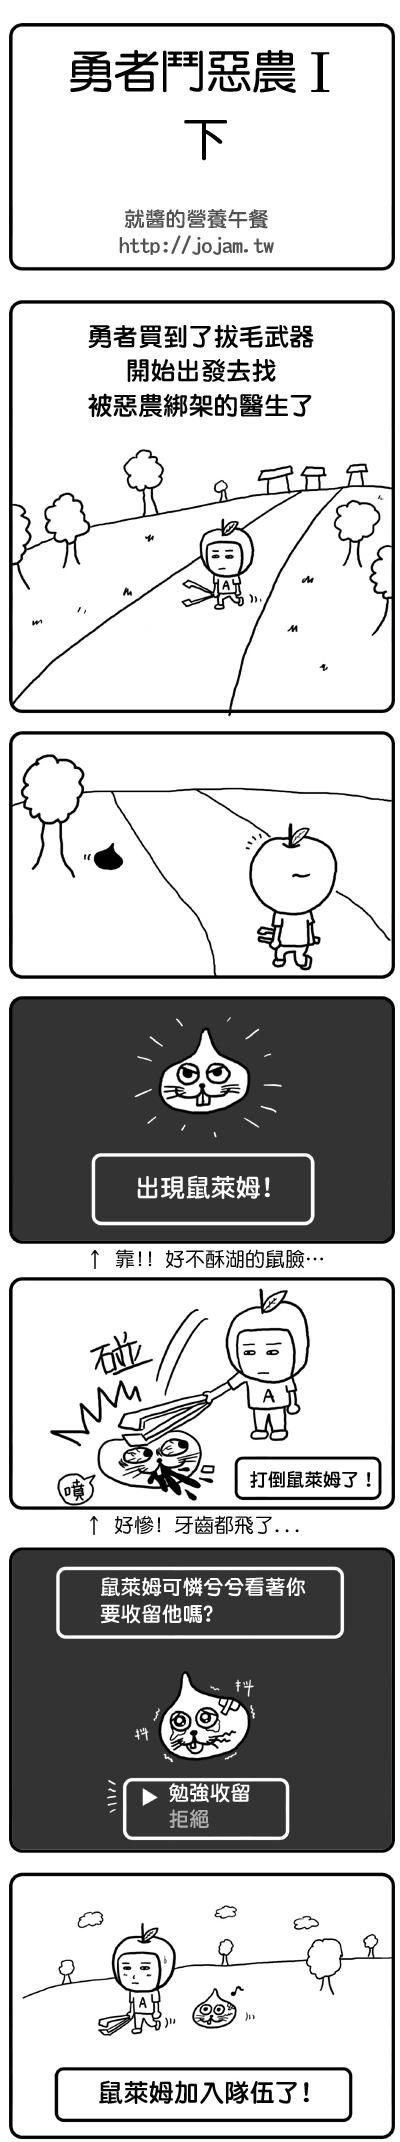 勇者鬥惡農_上_06.jpg